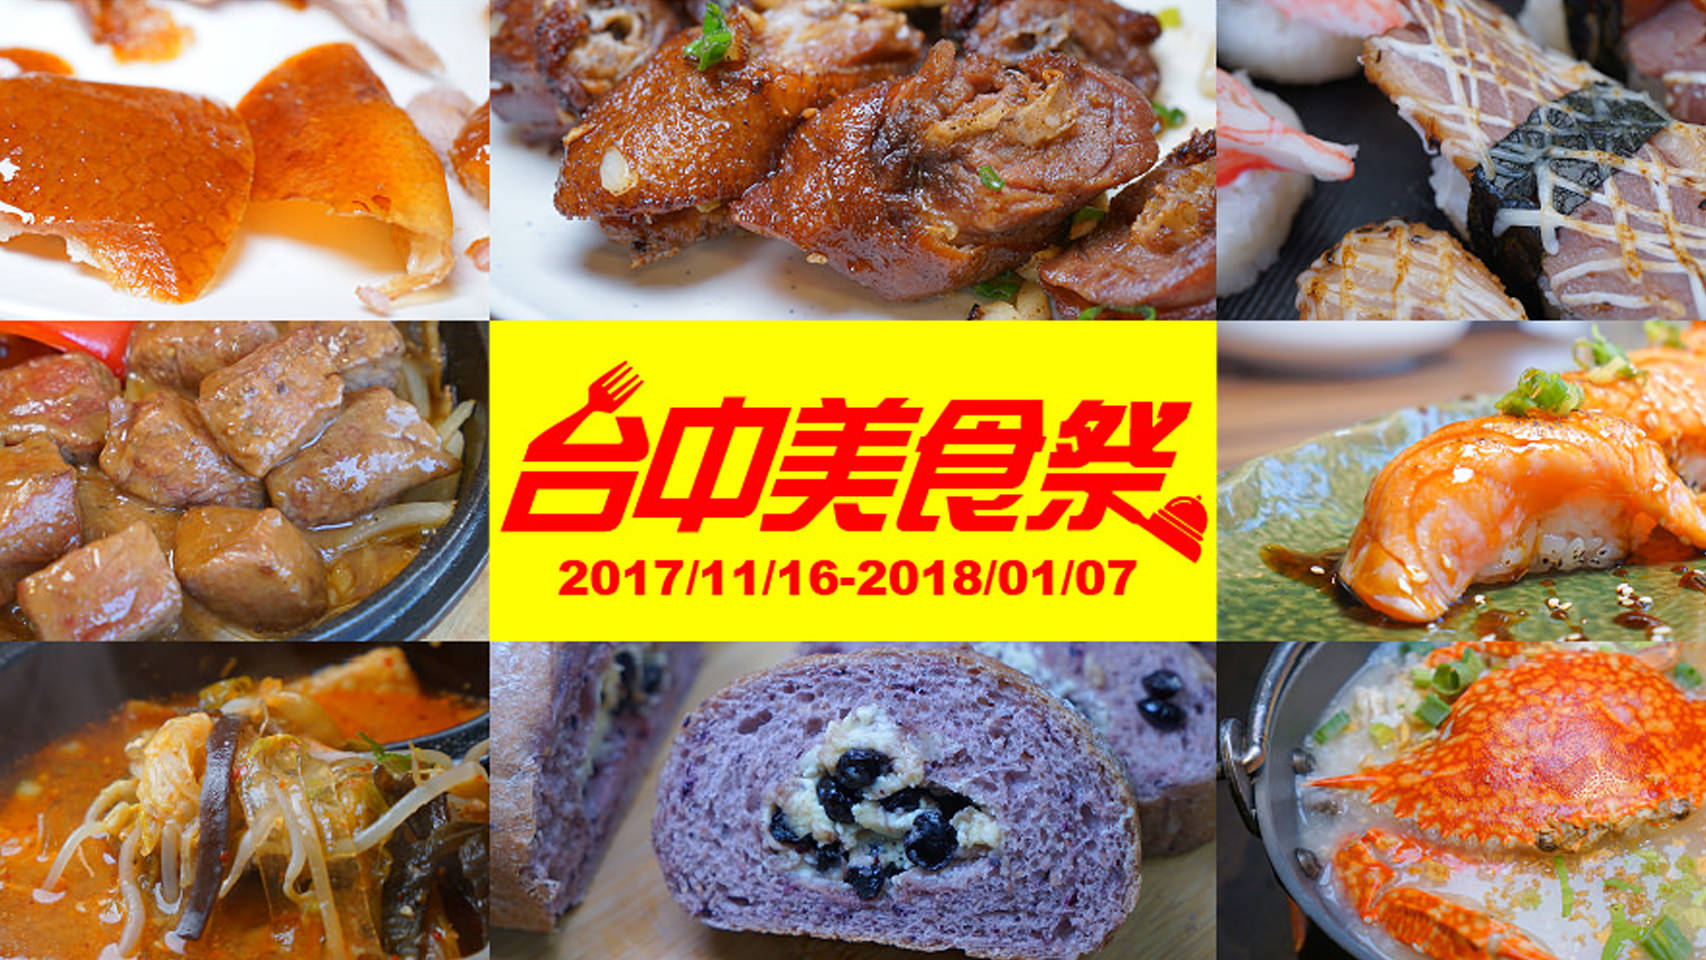 台中美食祭,即將開跑